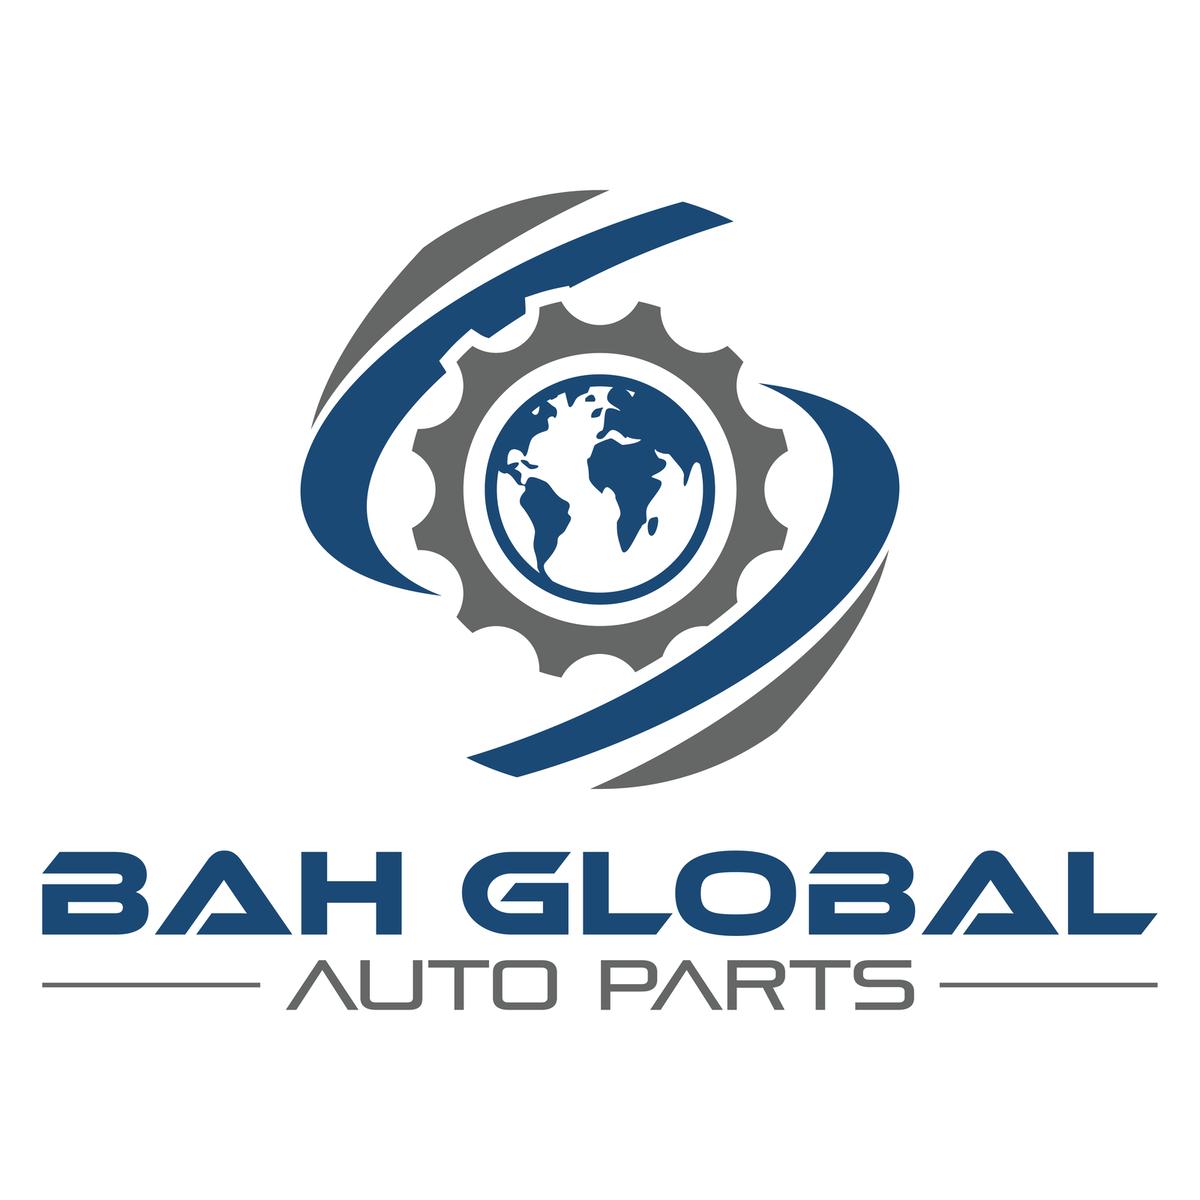 bah global